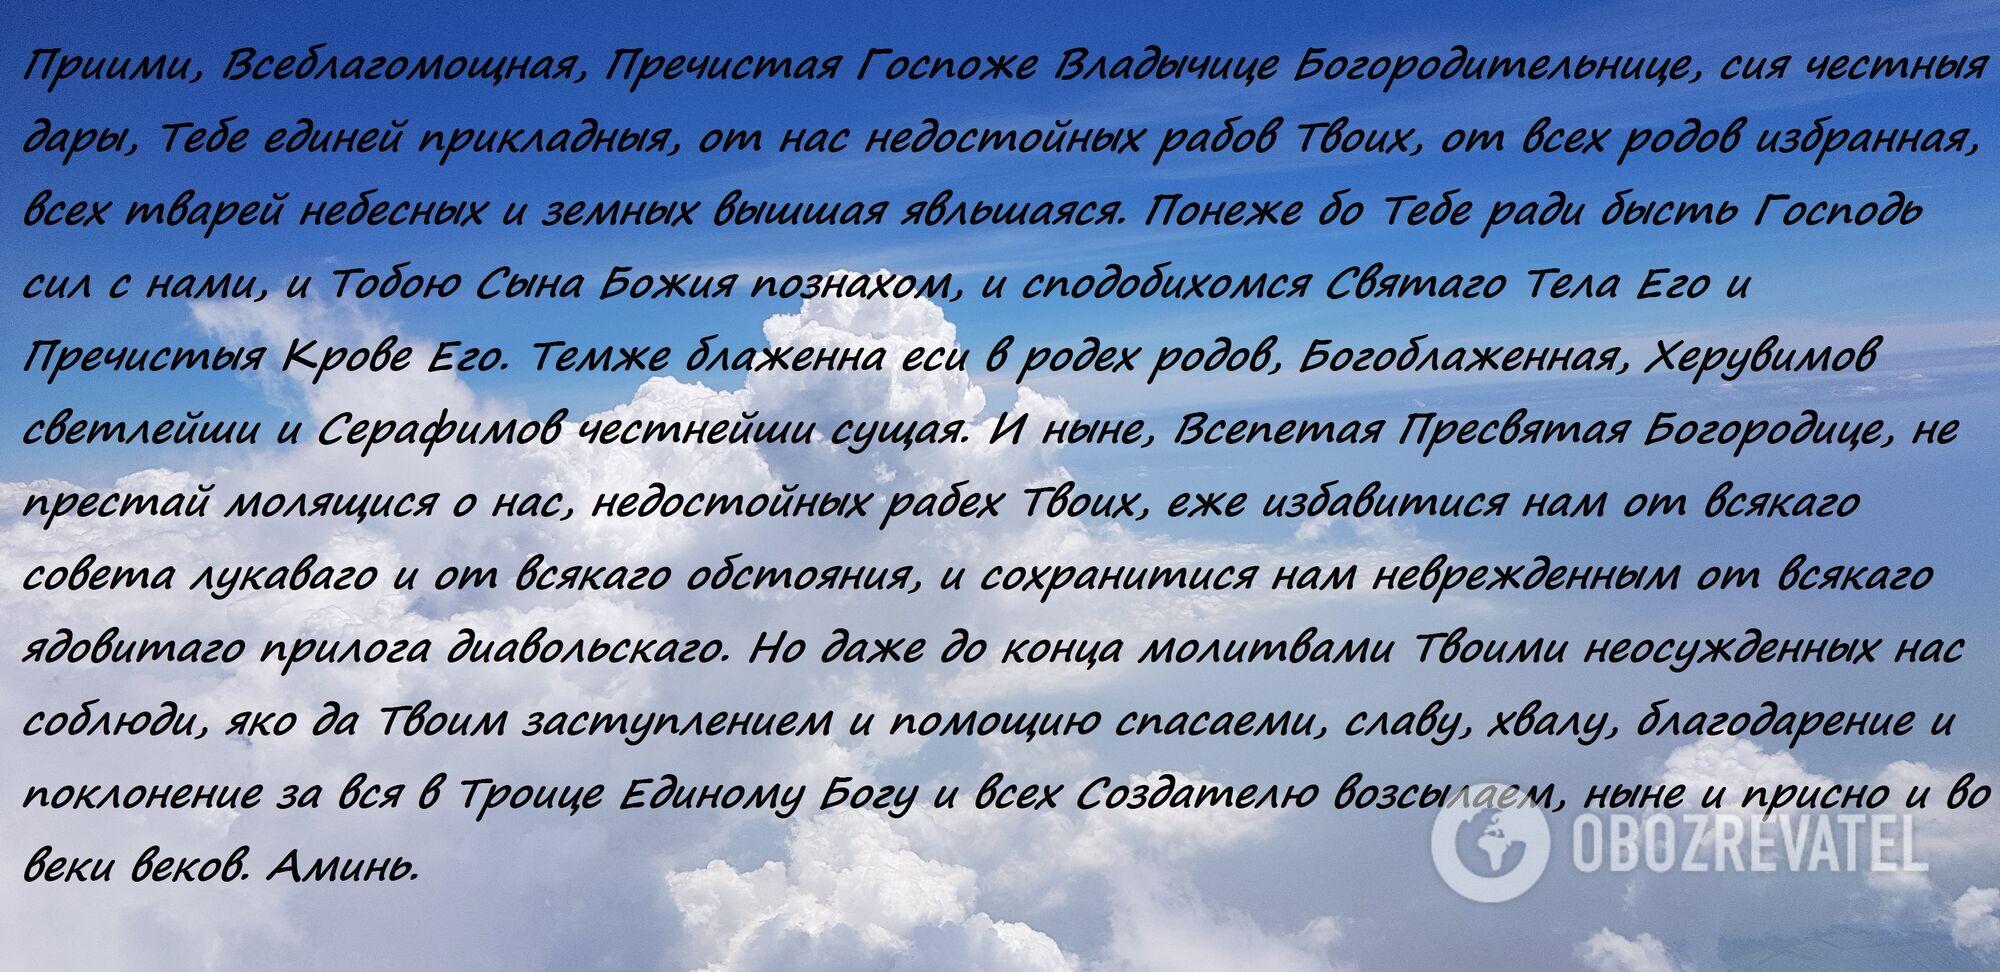 Молитва Владимирской Божьей Матери